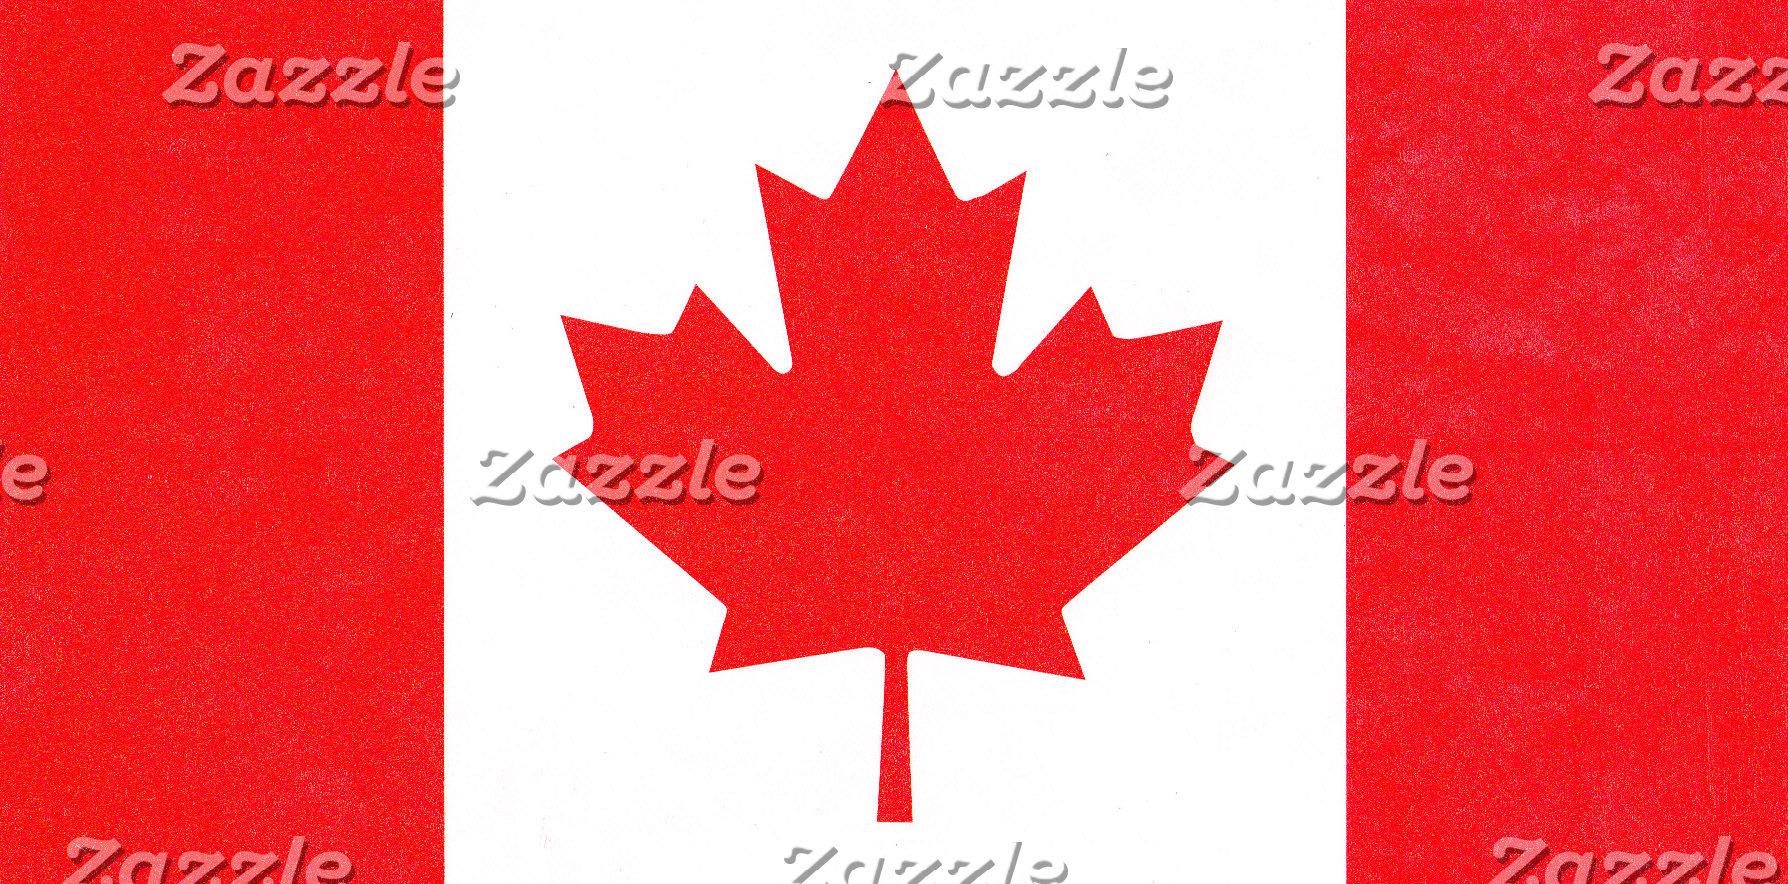 Canadiana with Twist